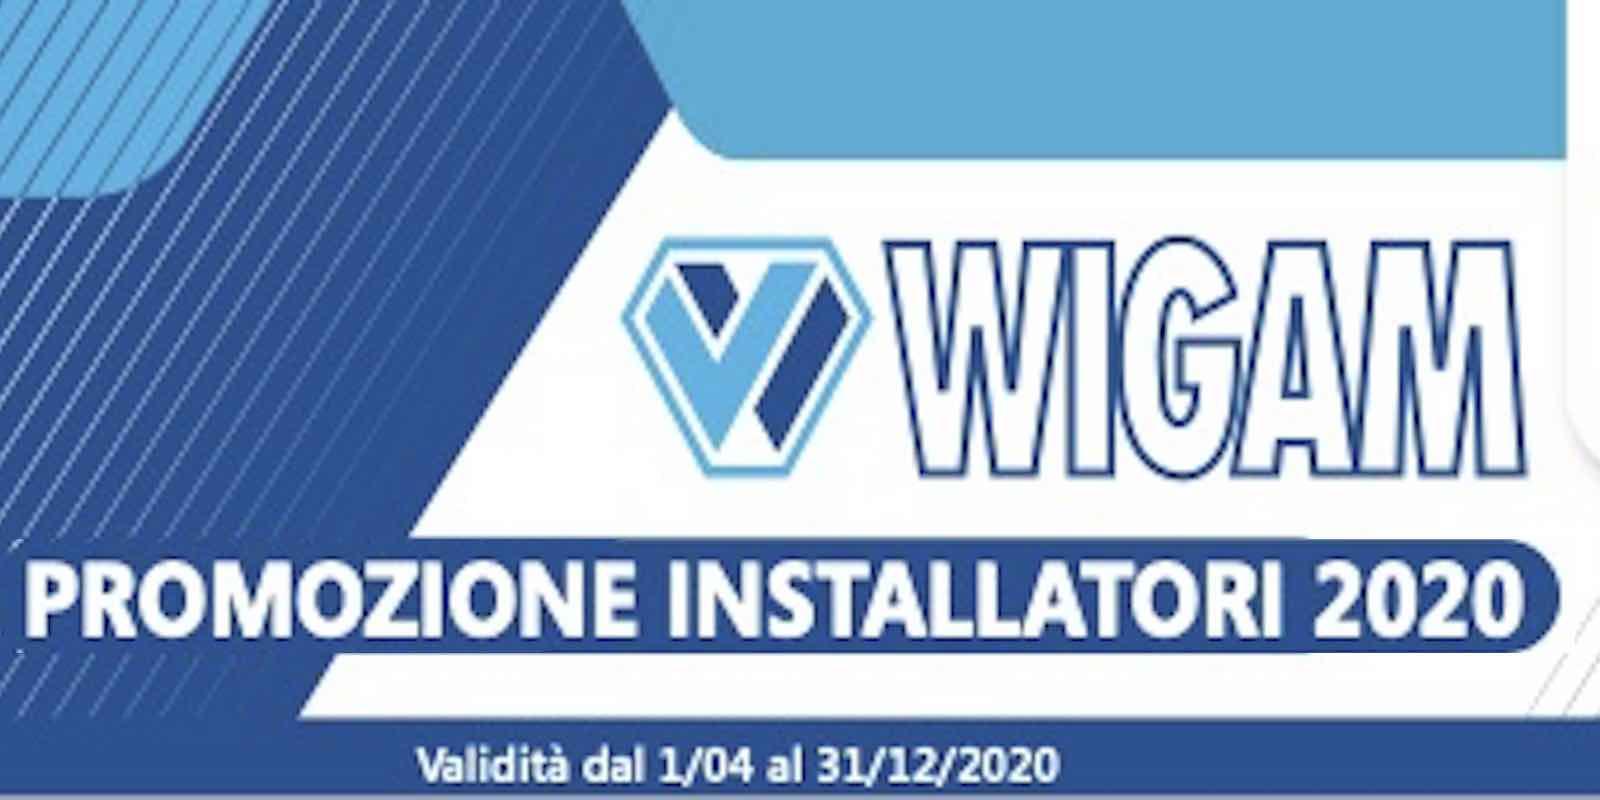 Wigam promozione installatori 2020